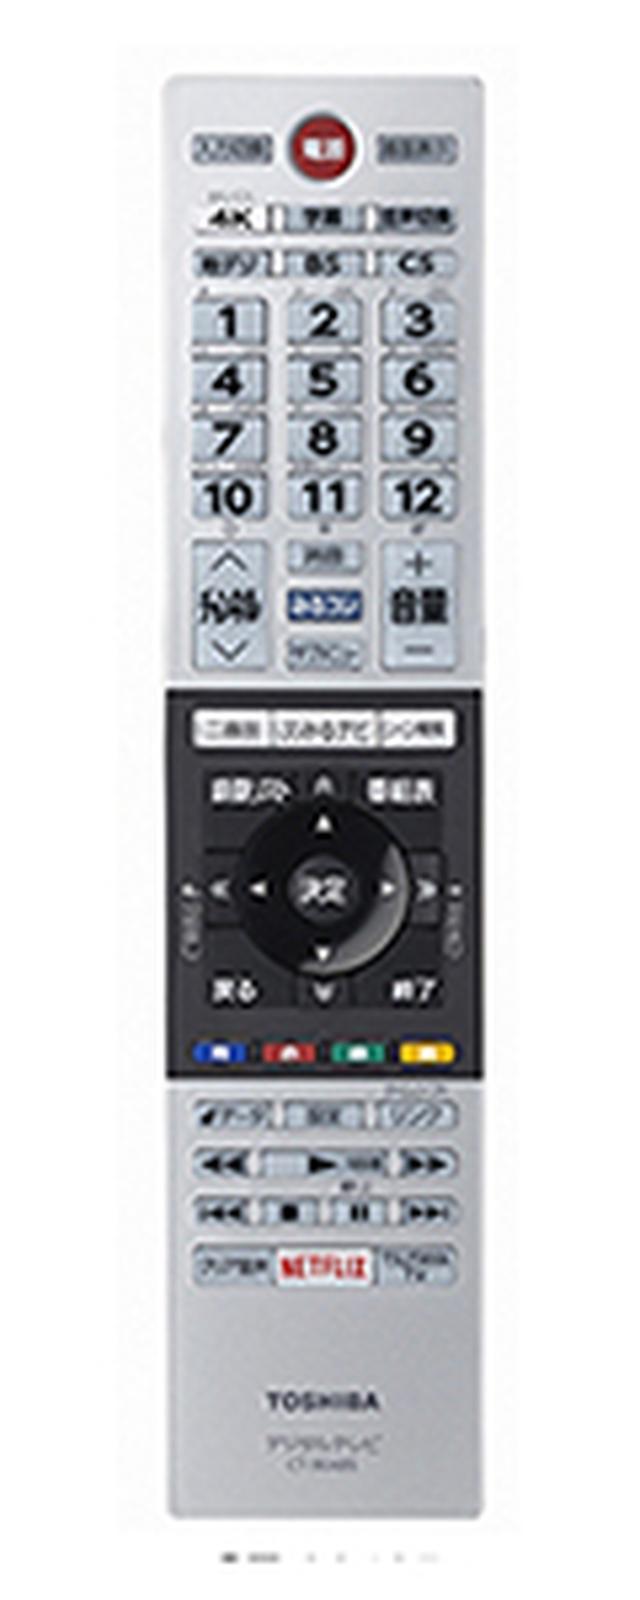 画像: 「地デジ」「BS」「CS」に「4K」ボタンが追加され、感覚的に放送の切り替えがわかりやすくなっている。